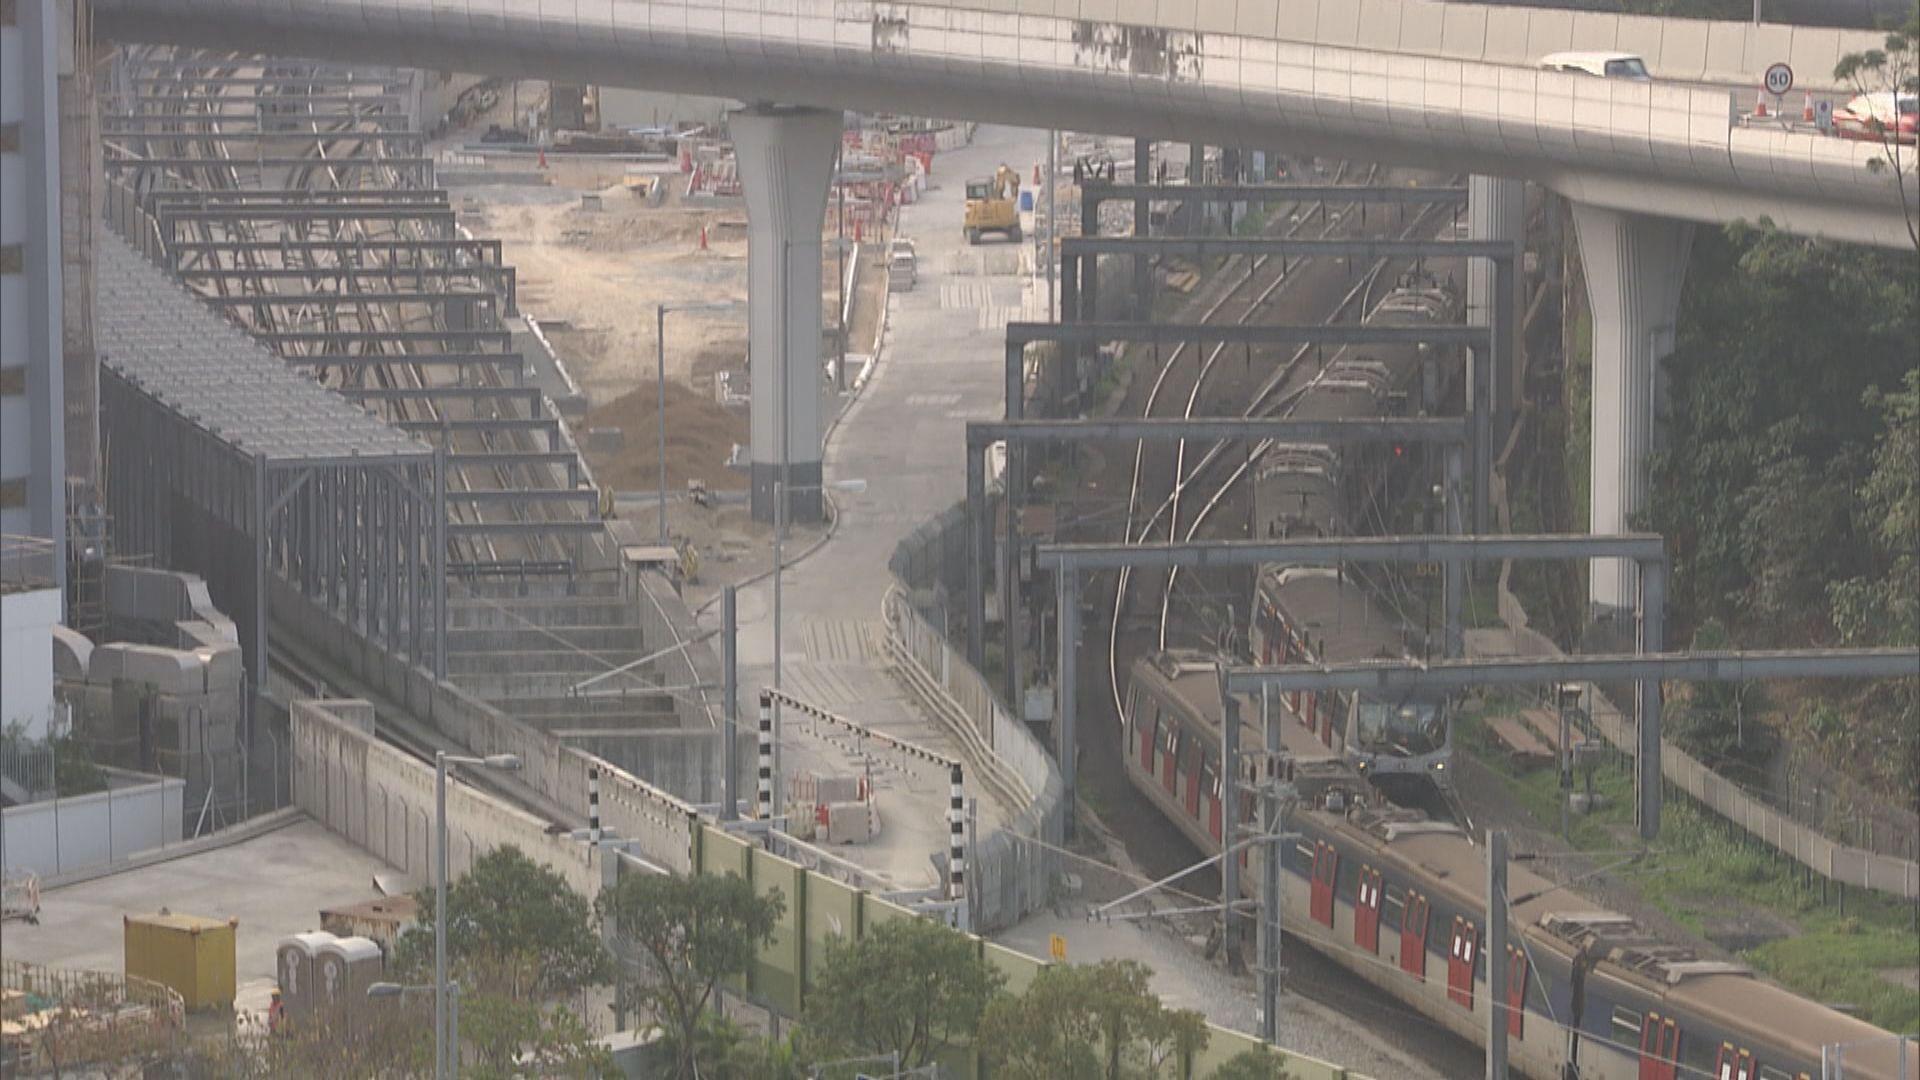 議員批延誤通報信號系統問題 港鐵稱會檢視通報機制